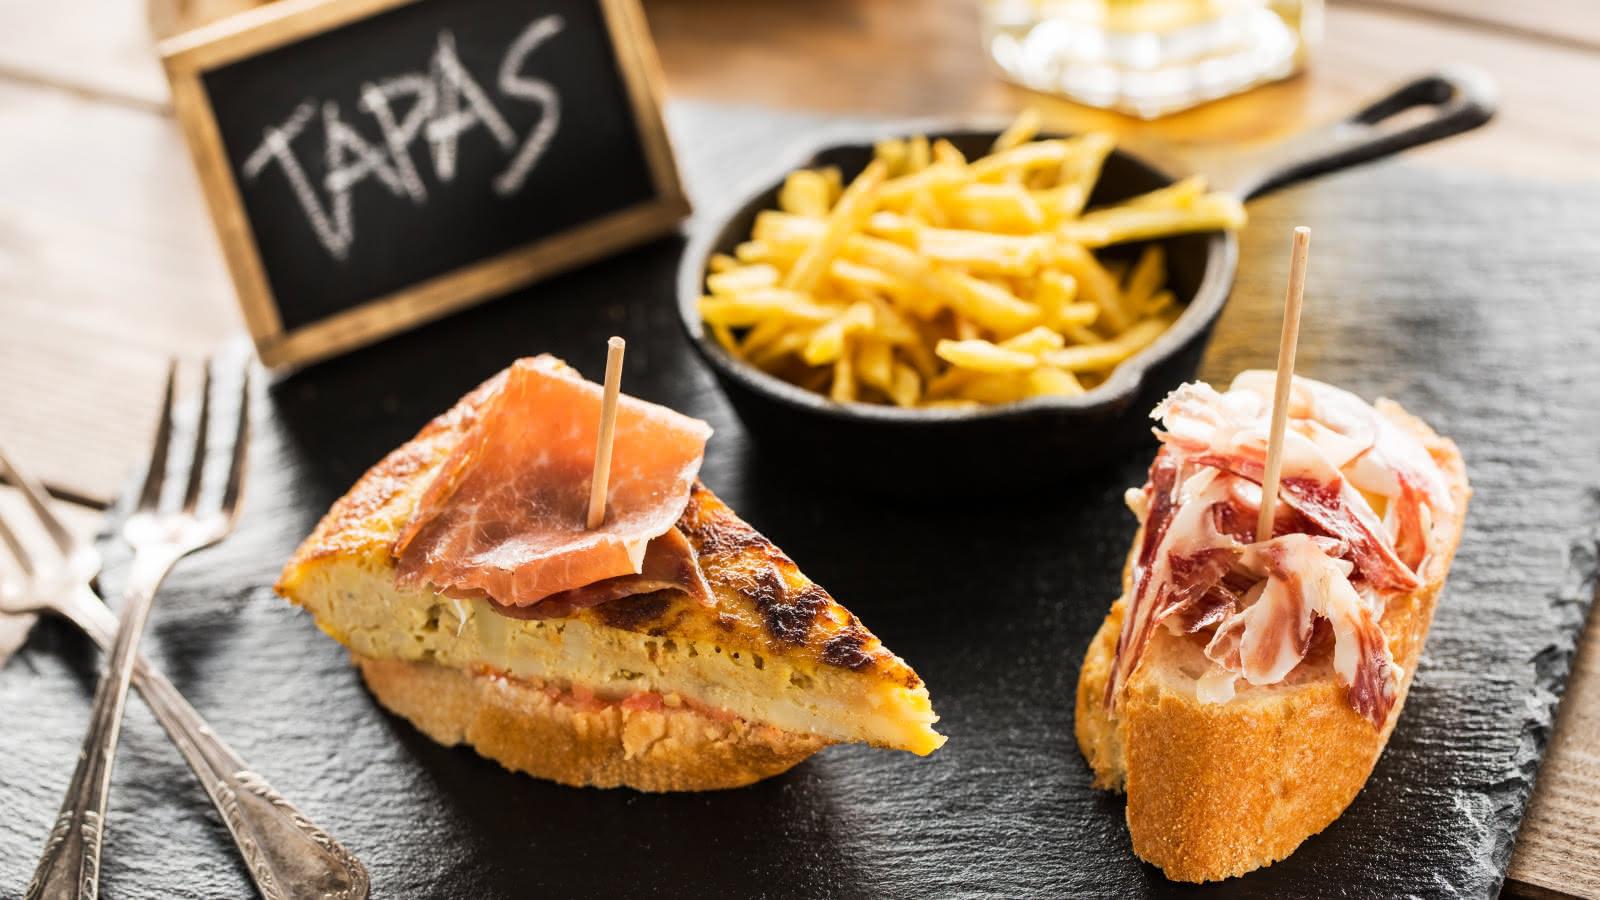 seville tapas tour jamon y pan con tomate